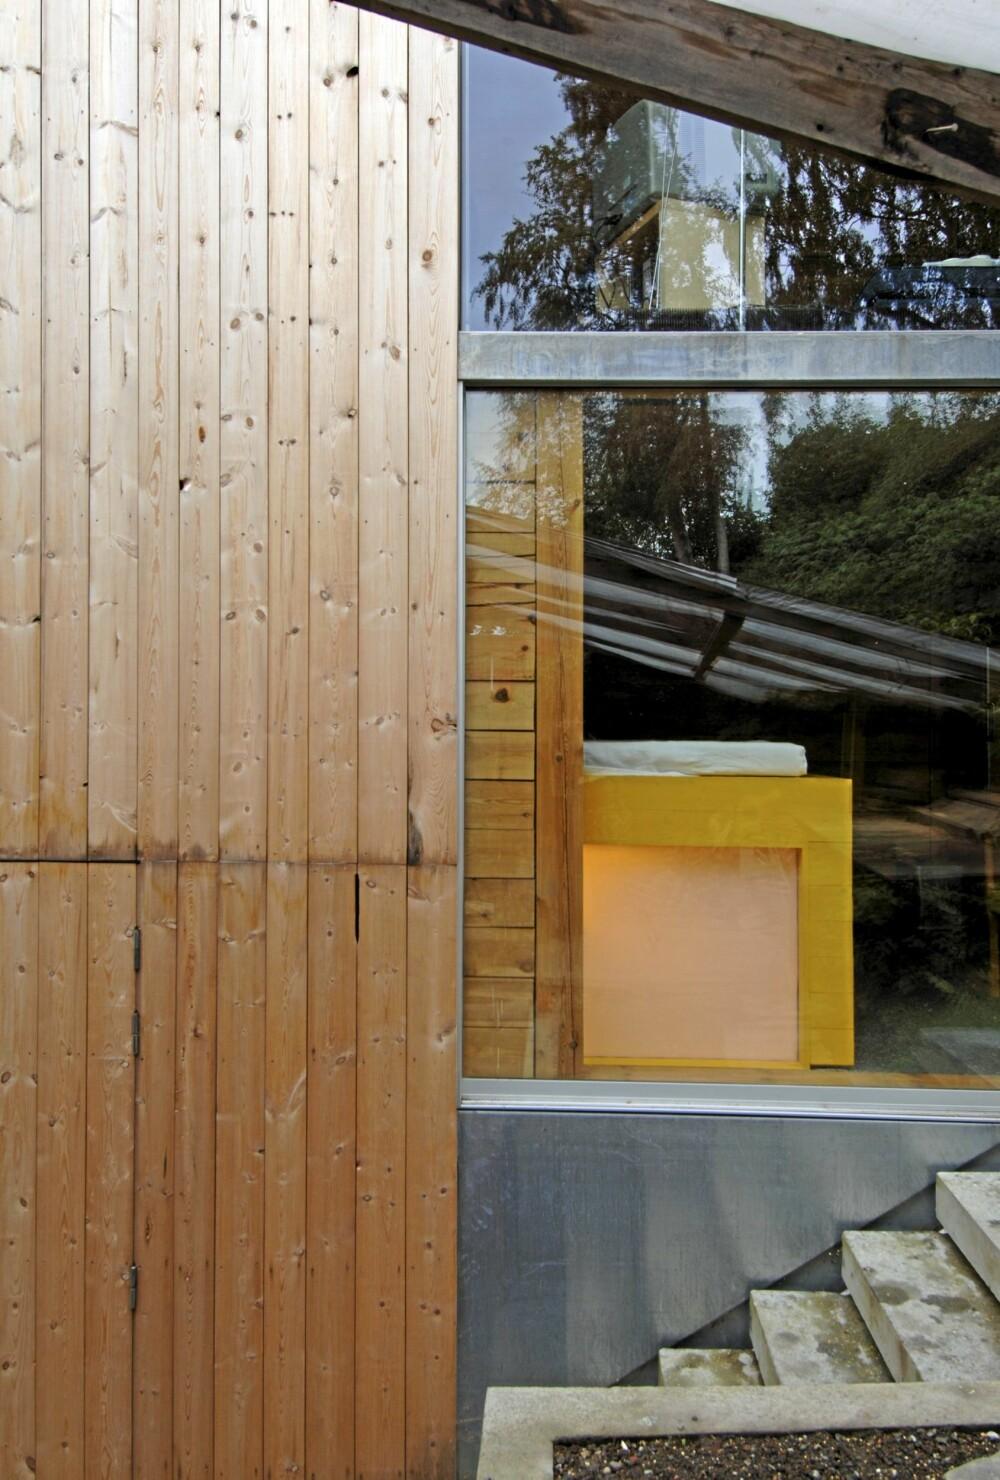 SPENSTIG ARKITEKTUR: Terrengtrappen leder til terrassen som ligger mot skrenten bak huset. Her ser vi også allrommet og en flik av det knallgule soverommet. Under det skjermer matte glass badet for innsyn. Ubehandlet furupanel.